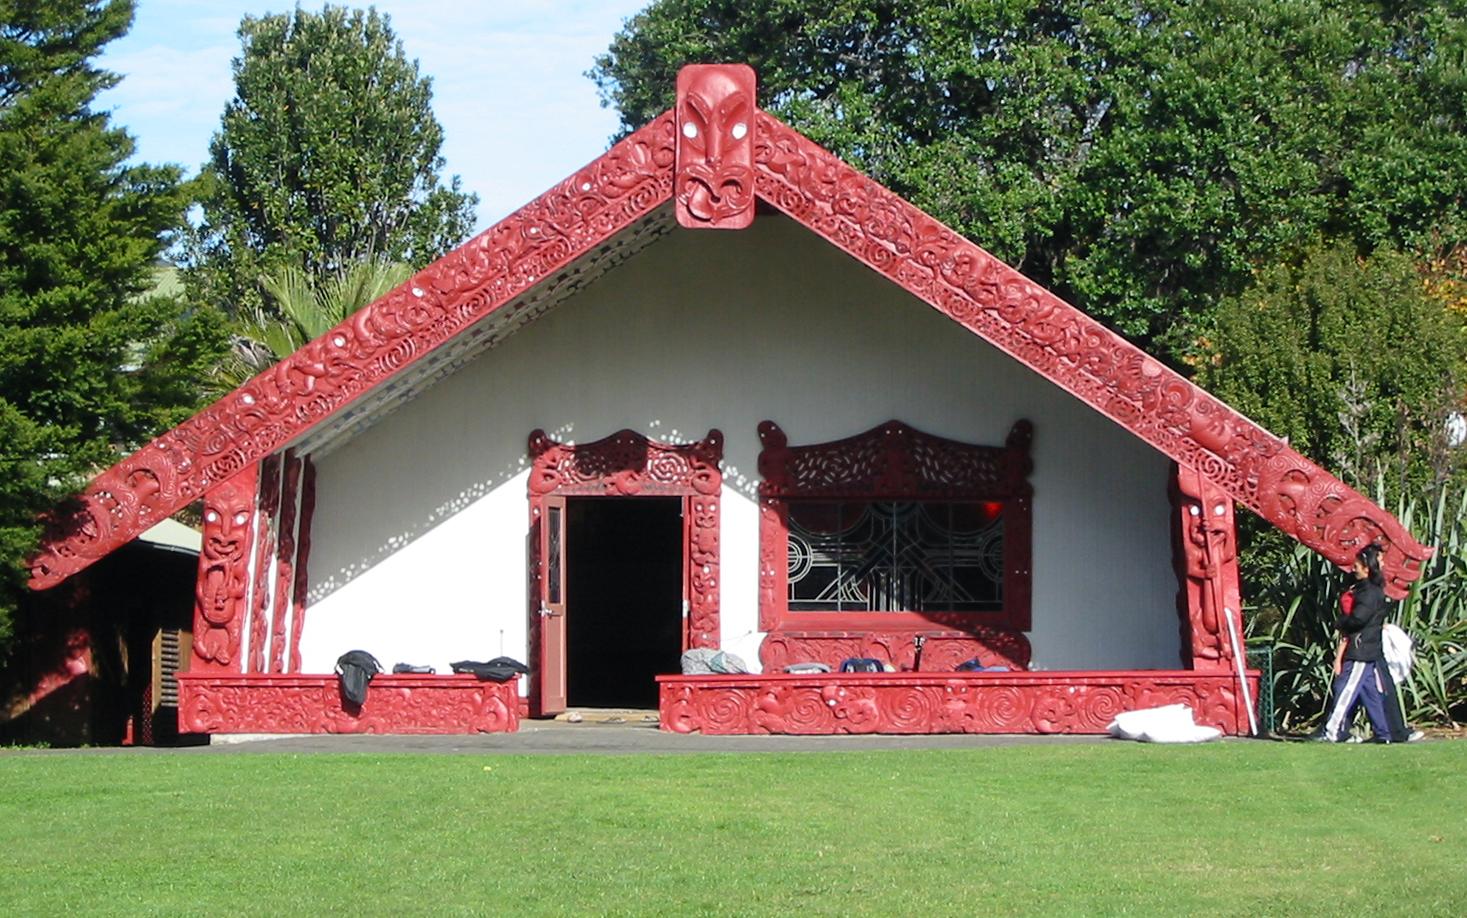 Tānenuiarangi, the wharenui at Waipapa marae, University of Auckland